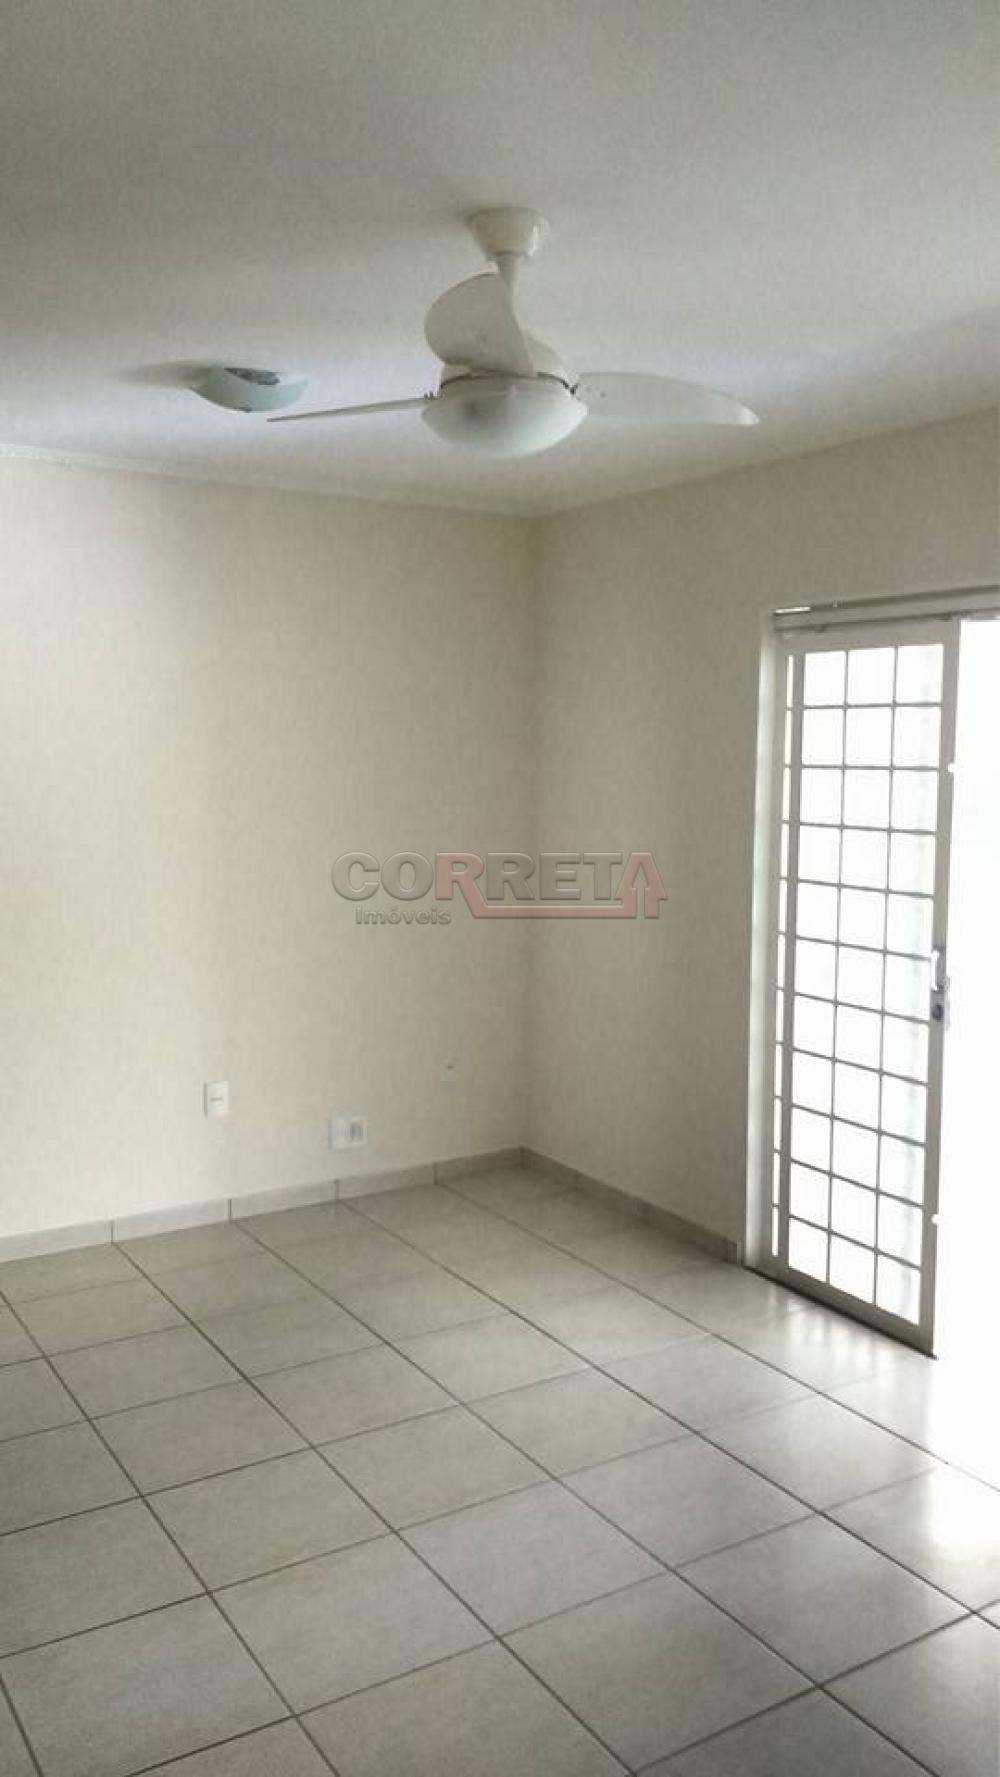 Comprar Casa / Residencial em Araçatuba R$ 270.000,00 - Foto 3